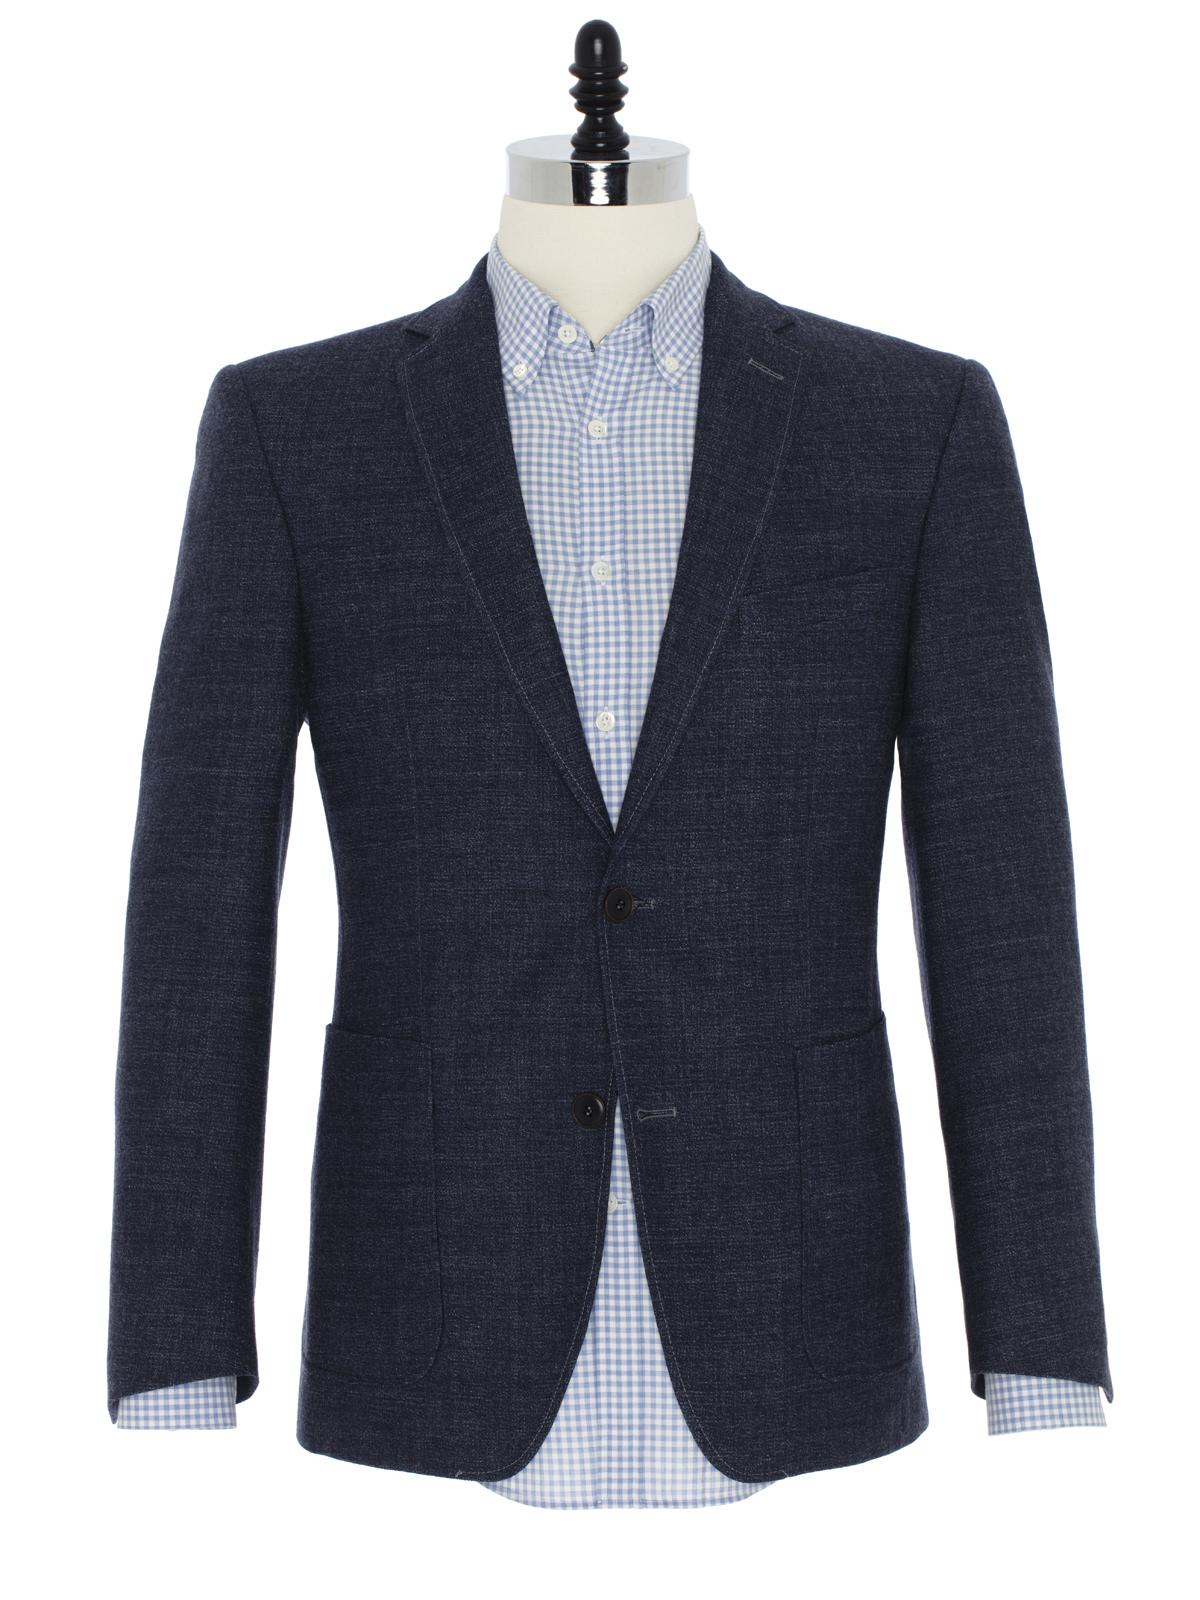 Carl Gross Mavi Yün Ceket